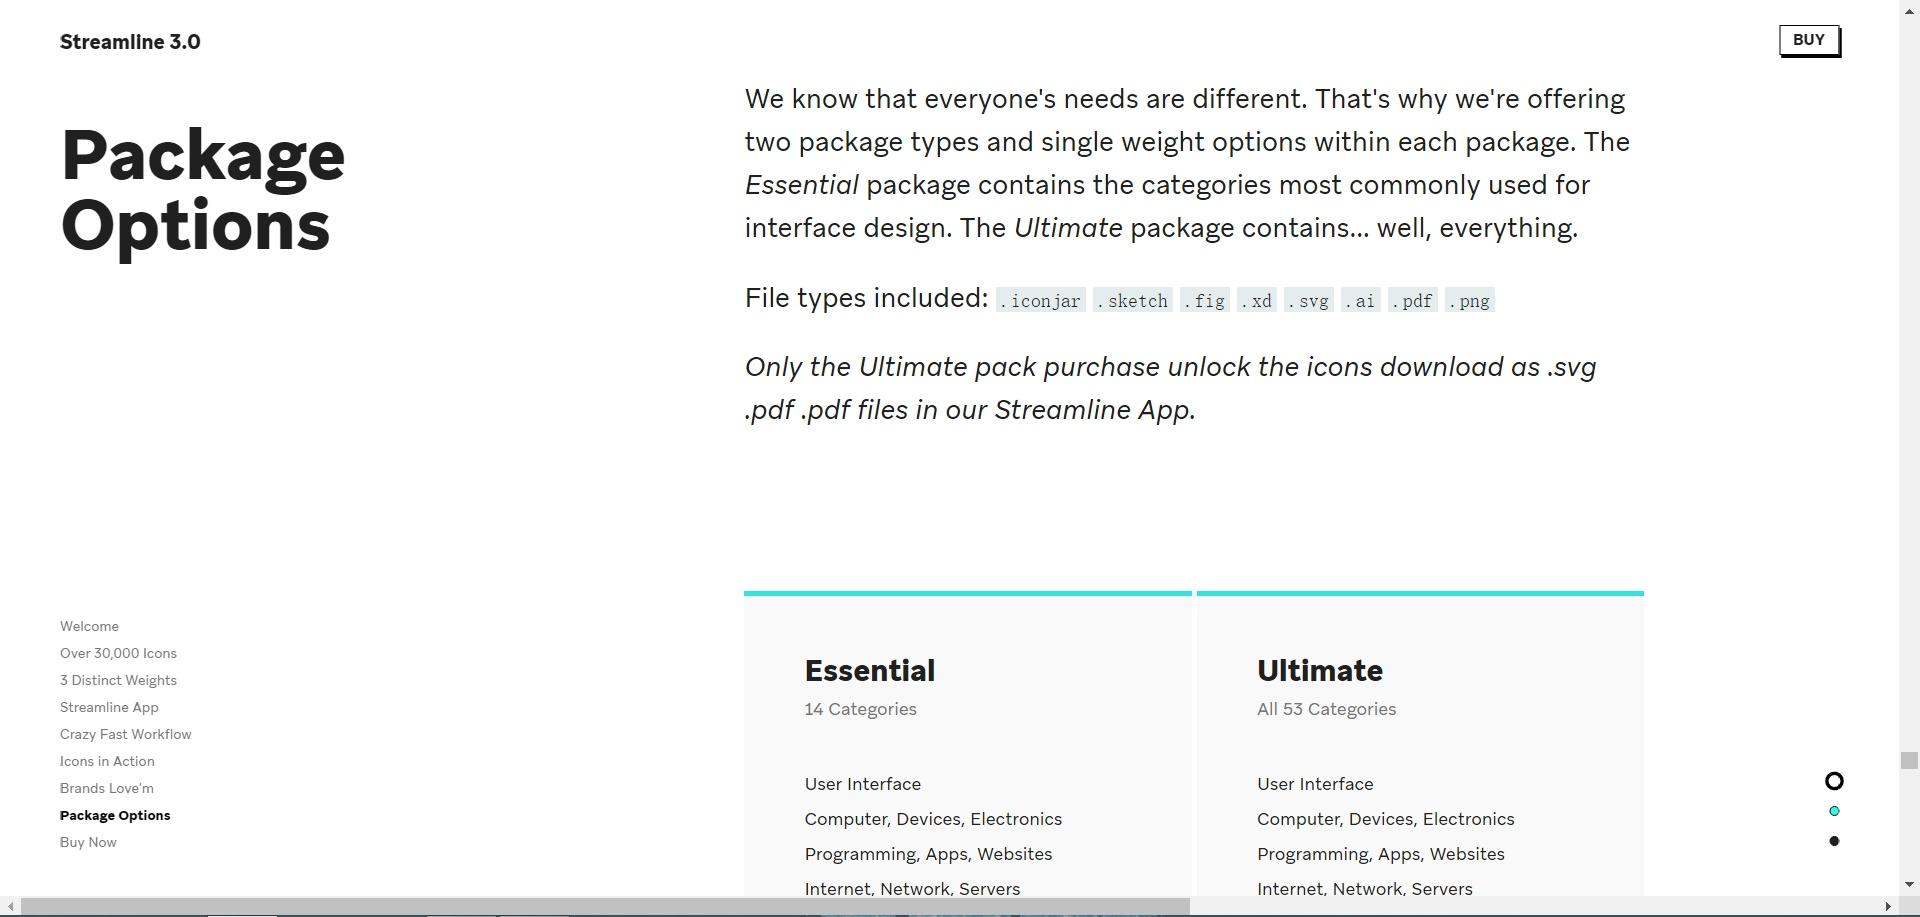 世界最大图标库!30000+图标满足你的所有需求!